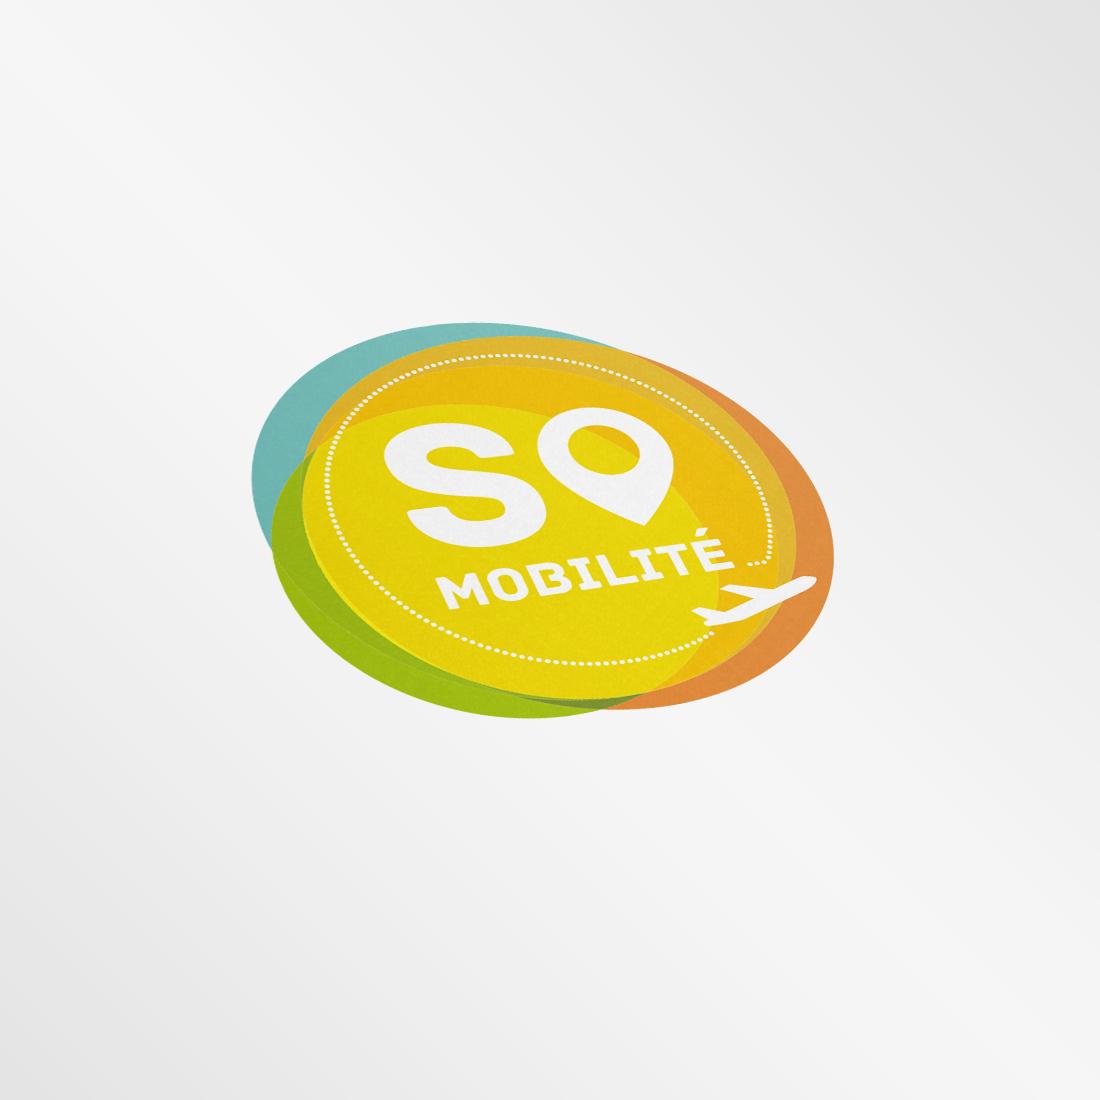 So Mobilité : Création du logo. Développement du site. Développement de la plateforme d'entretien.